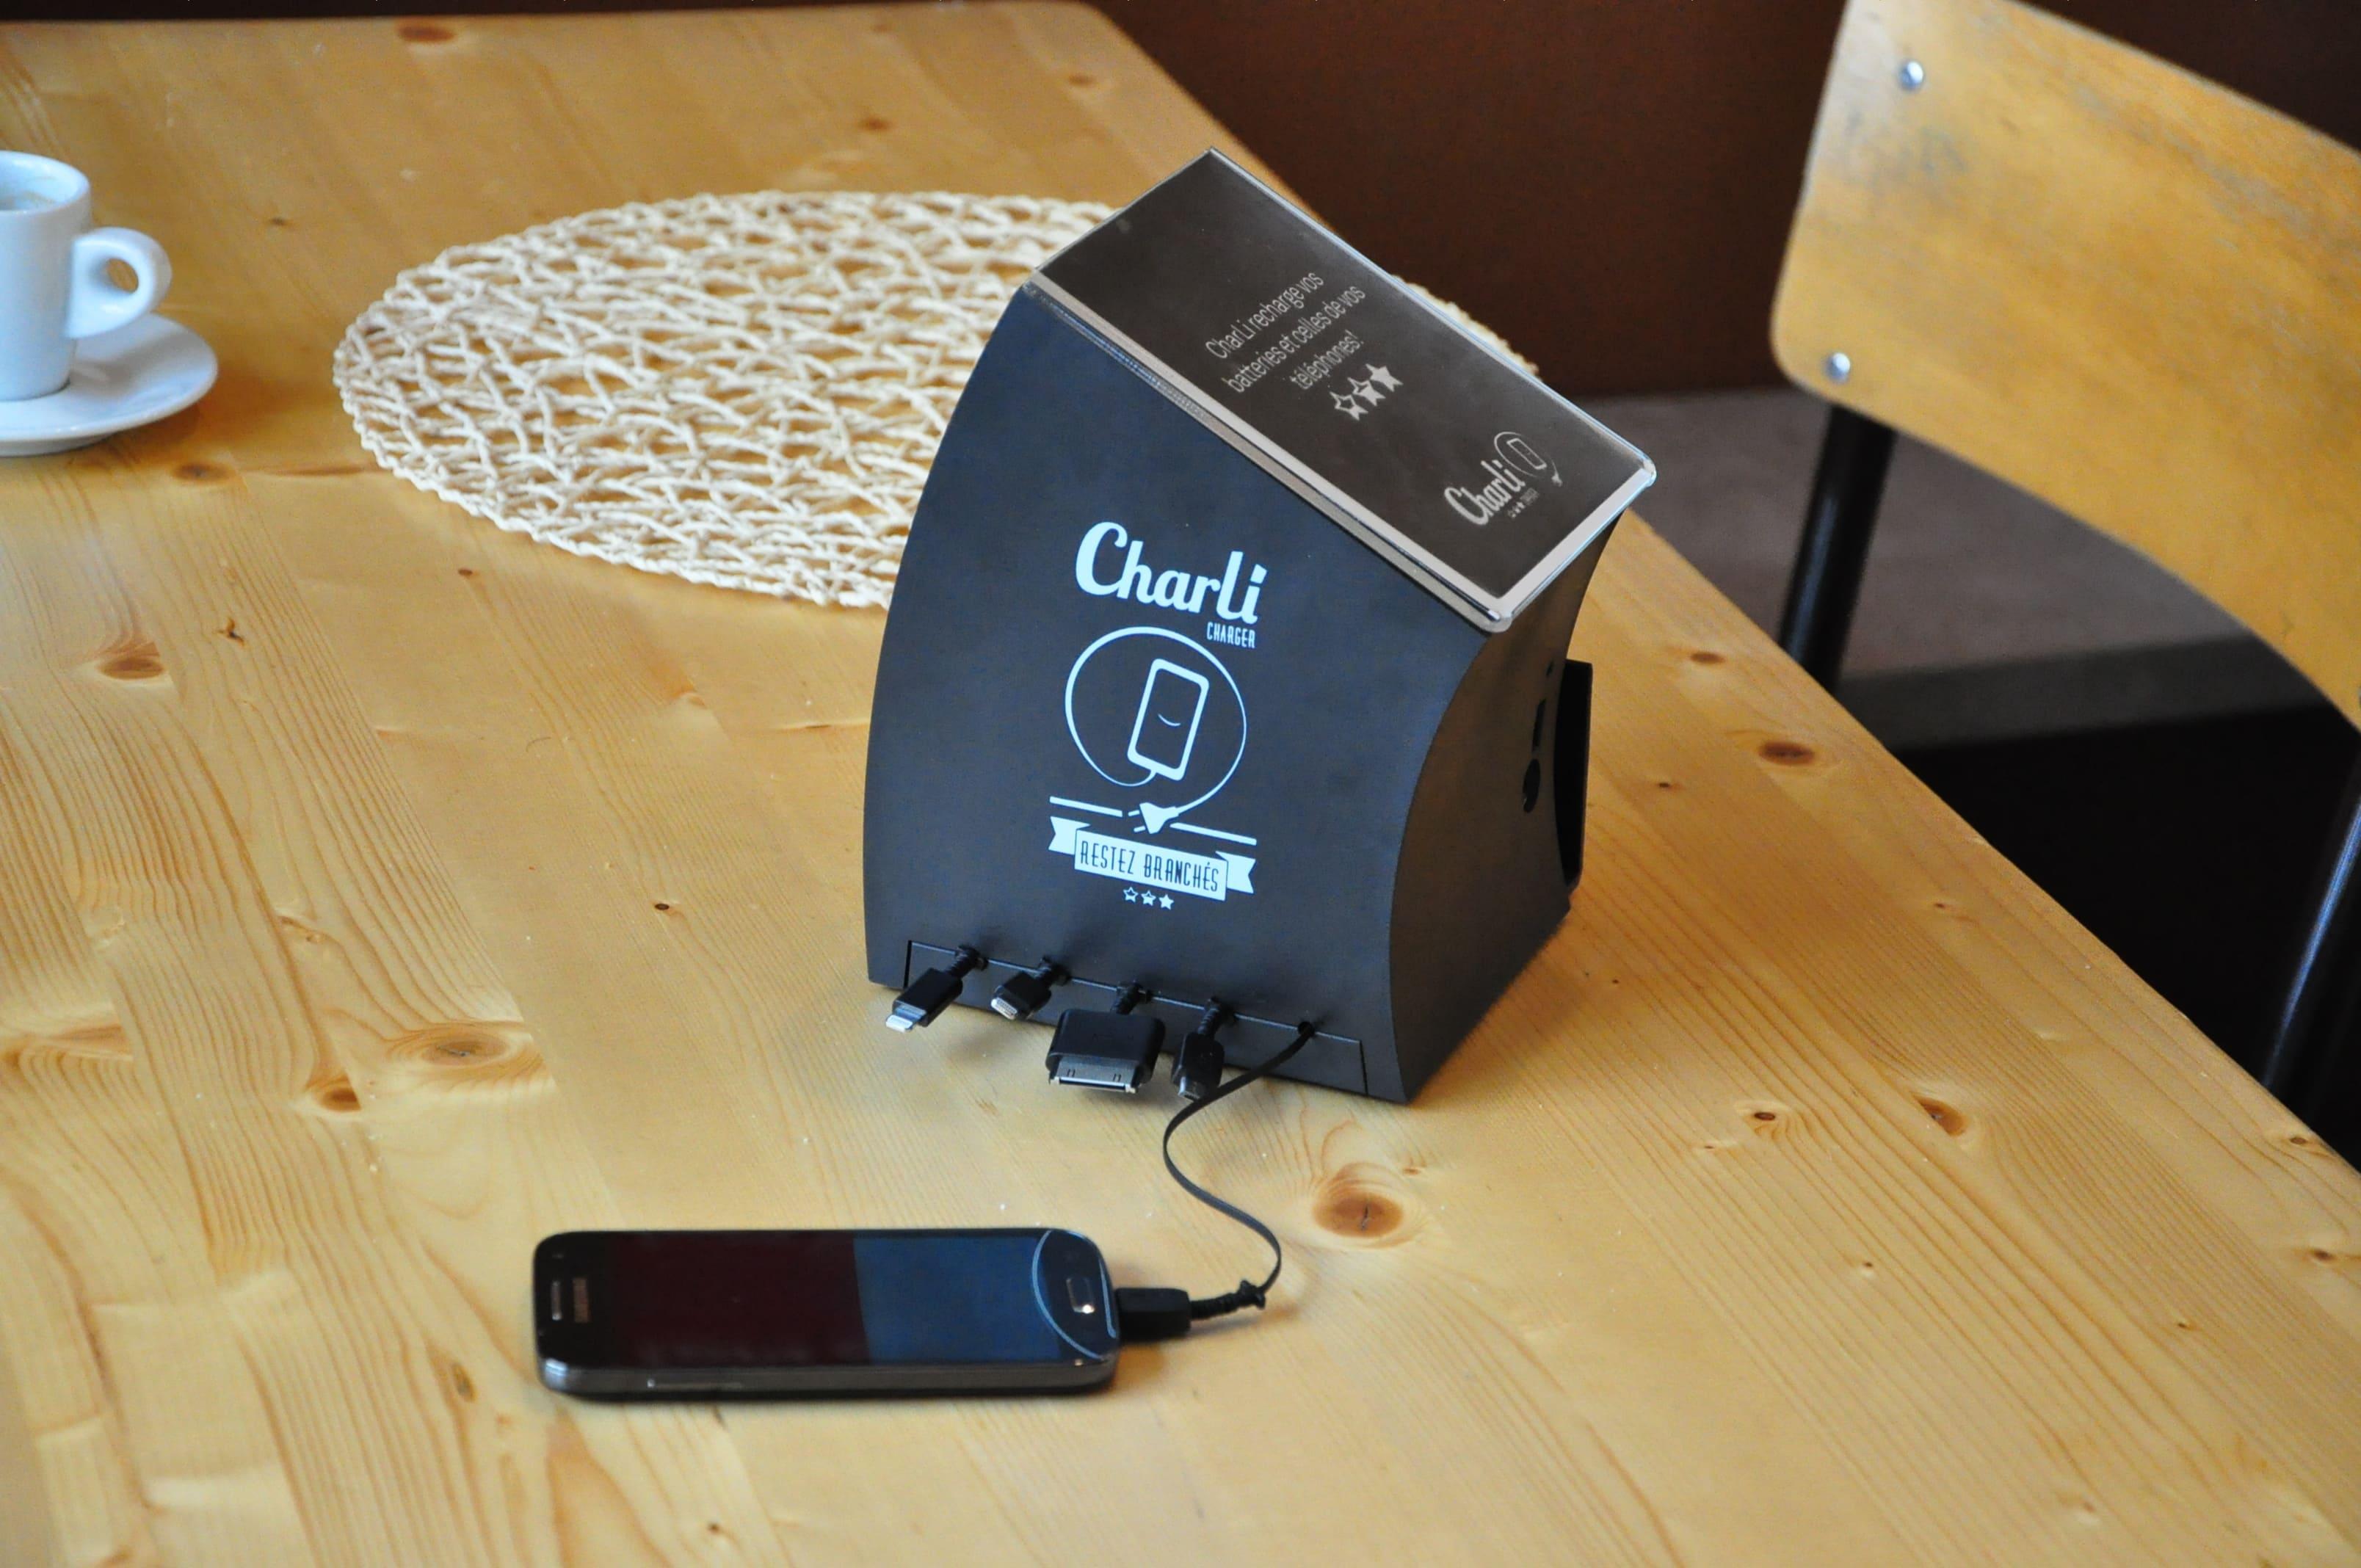 Charli_Charger, la borne de rechargement automatique